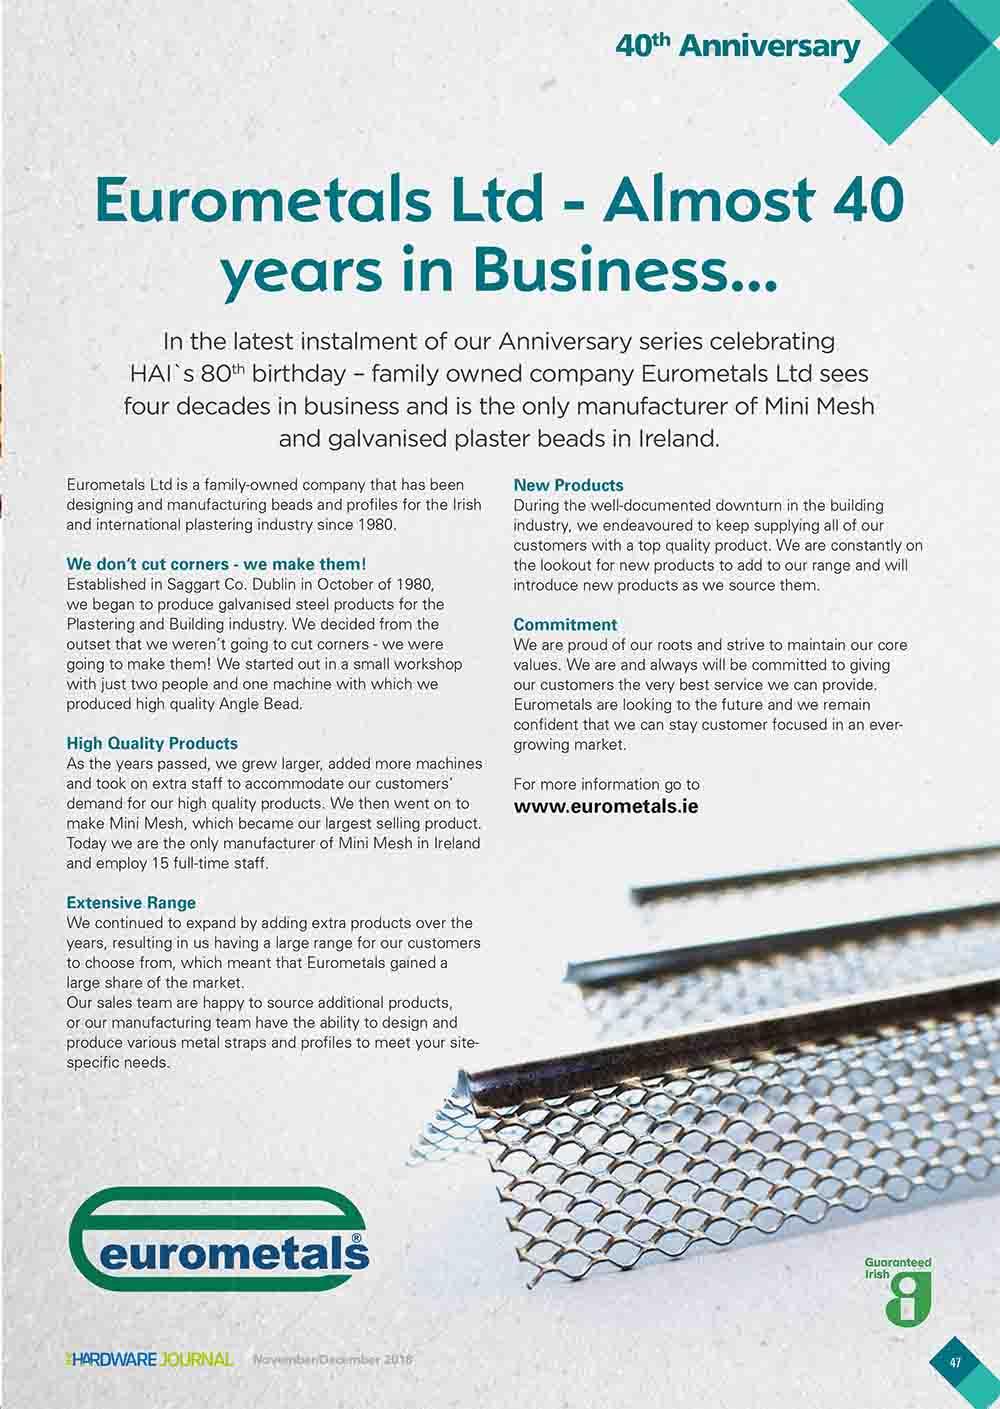 eurometals magazine editorial image